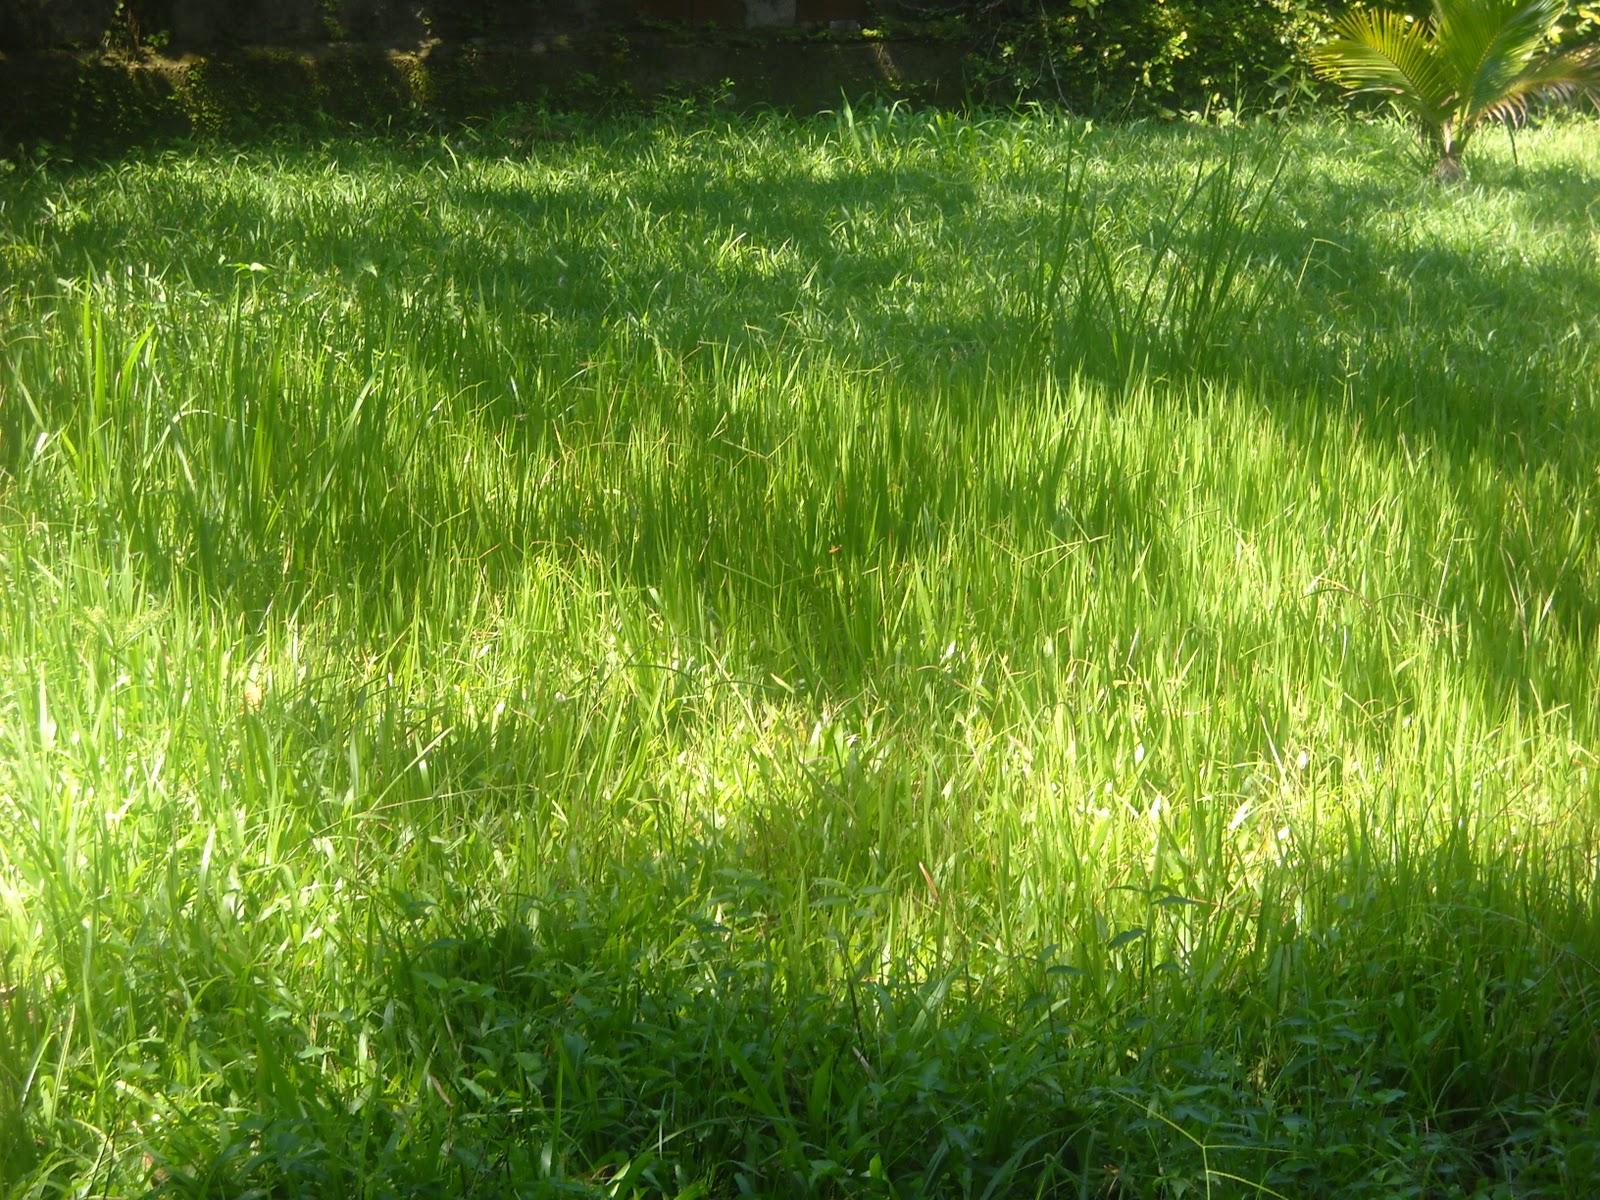 Grama alta - Cortar hierba alta ...